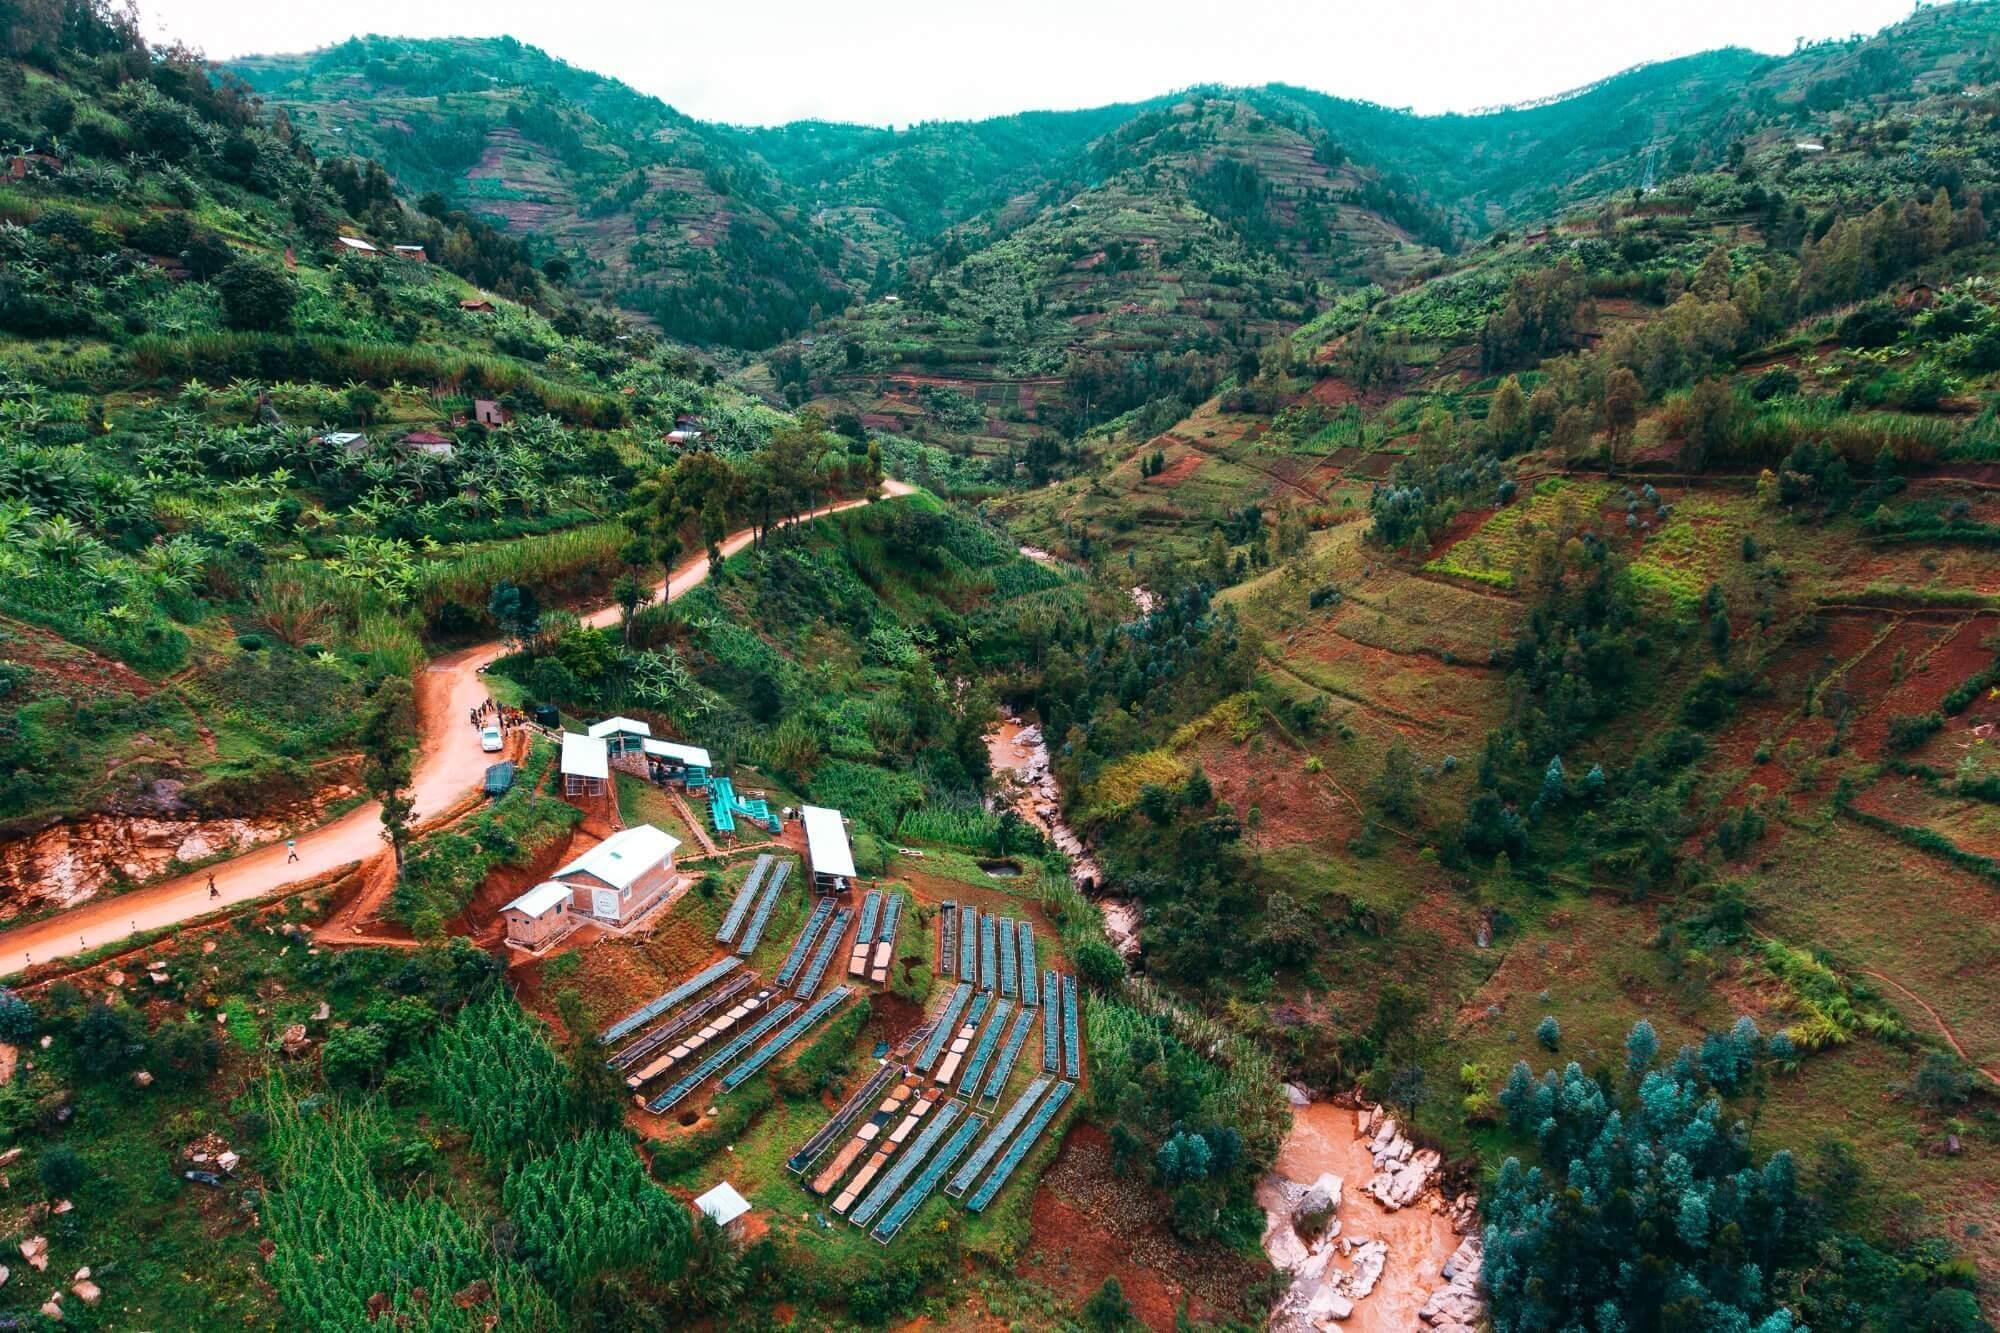 直接援助產地的咖啡生產計畫